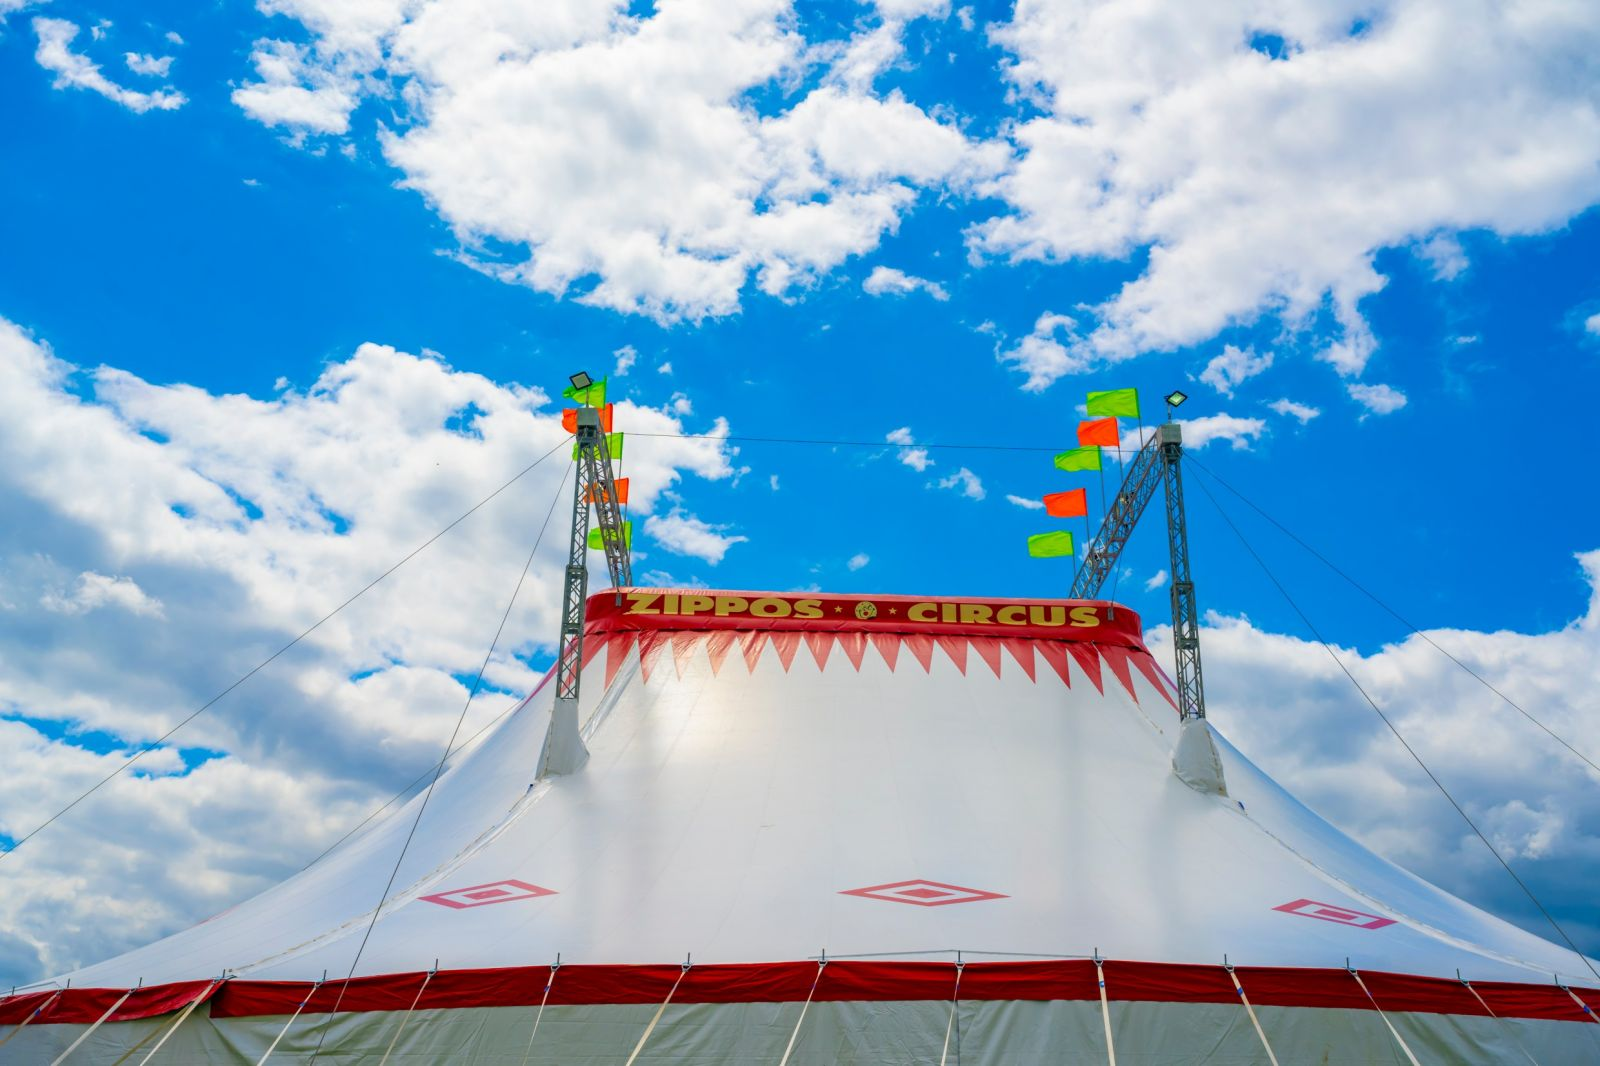 Zippos Circus Big Top (4) Photographer credit: Piet-Hein Out